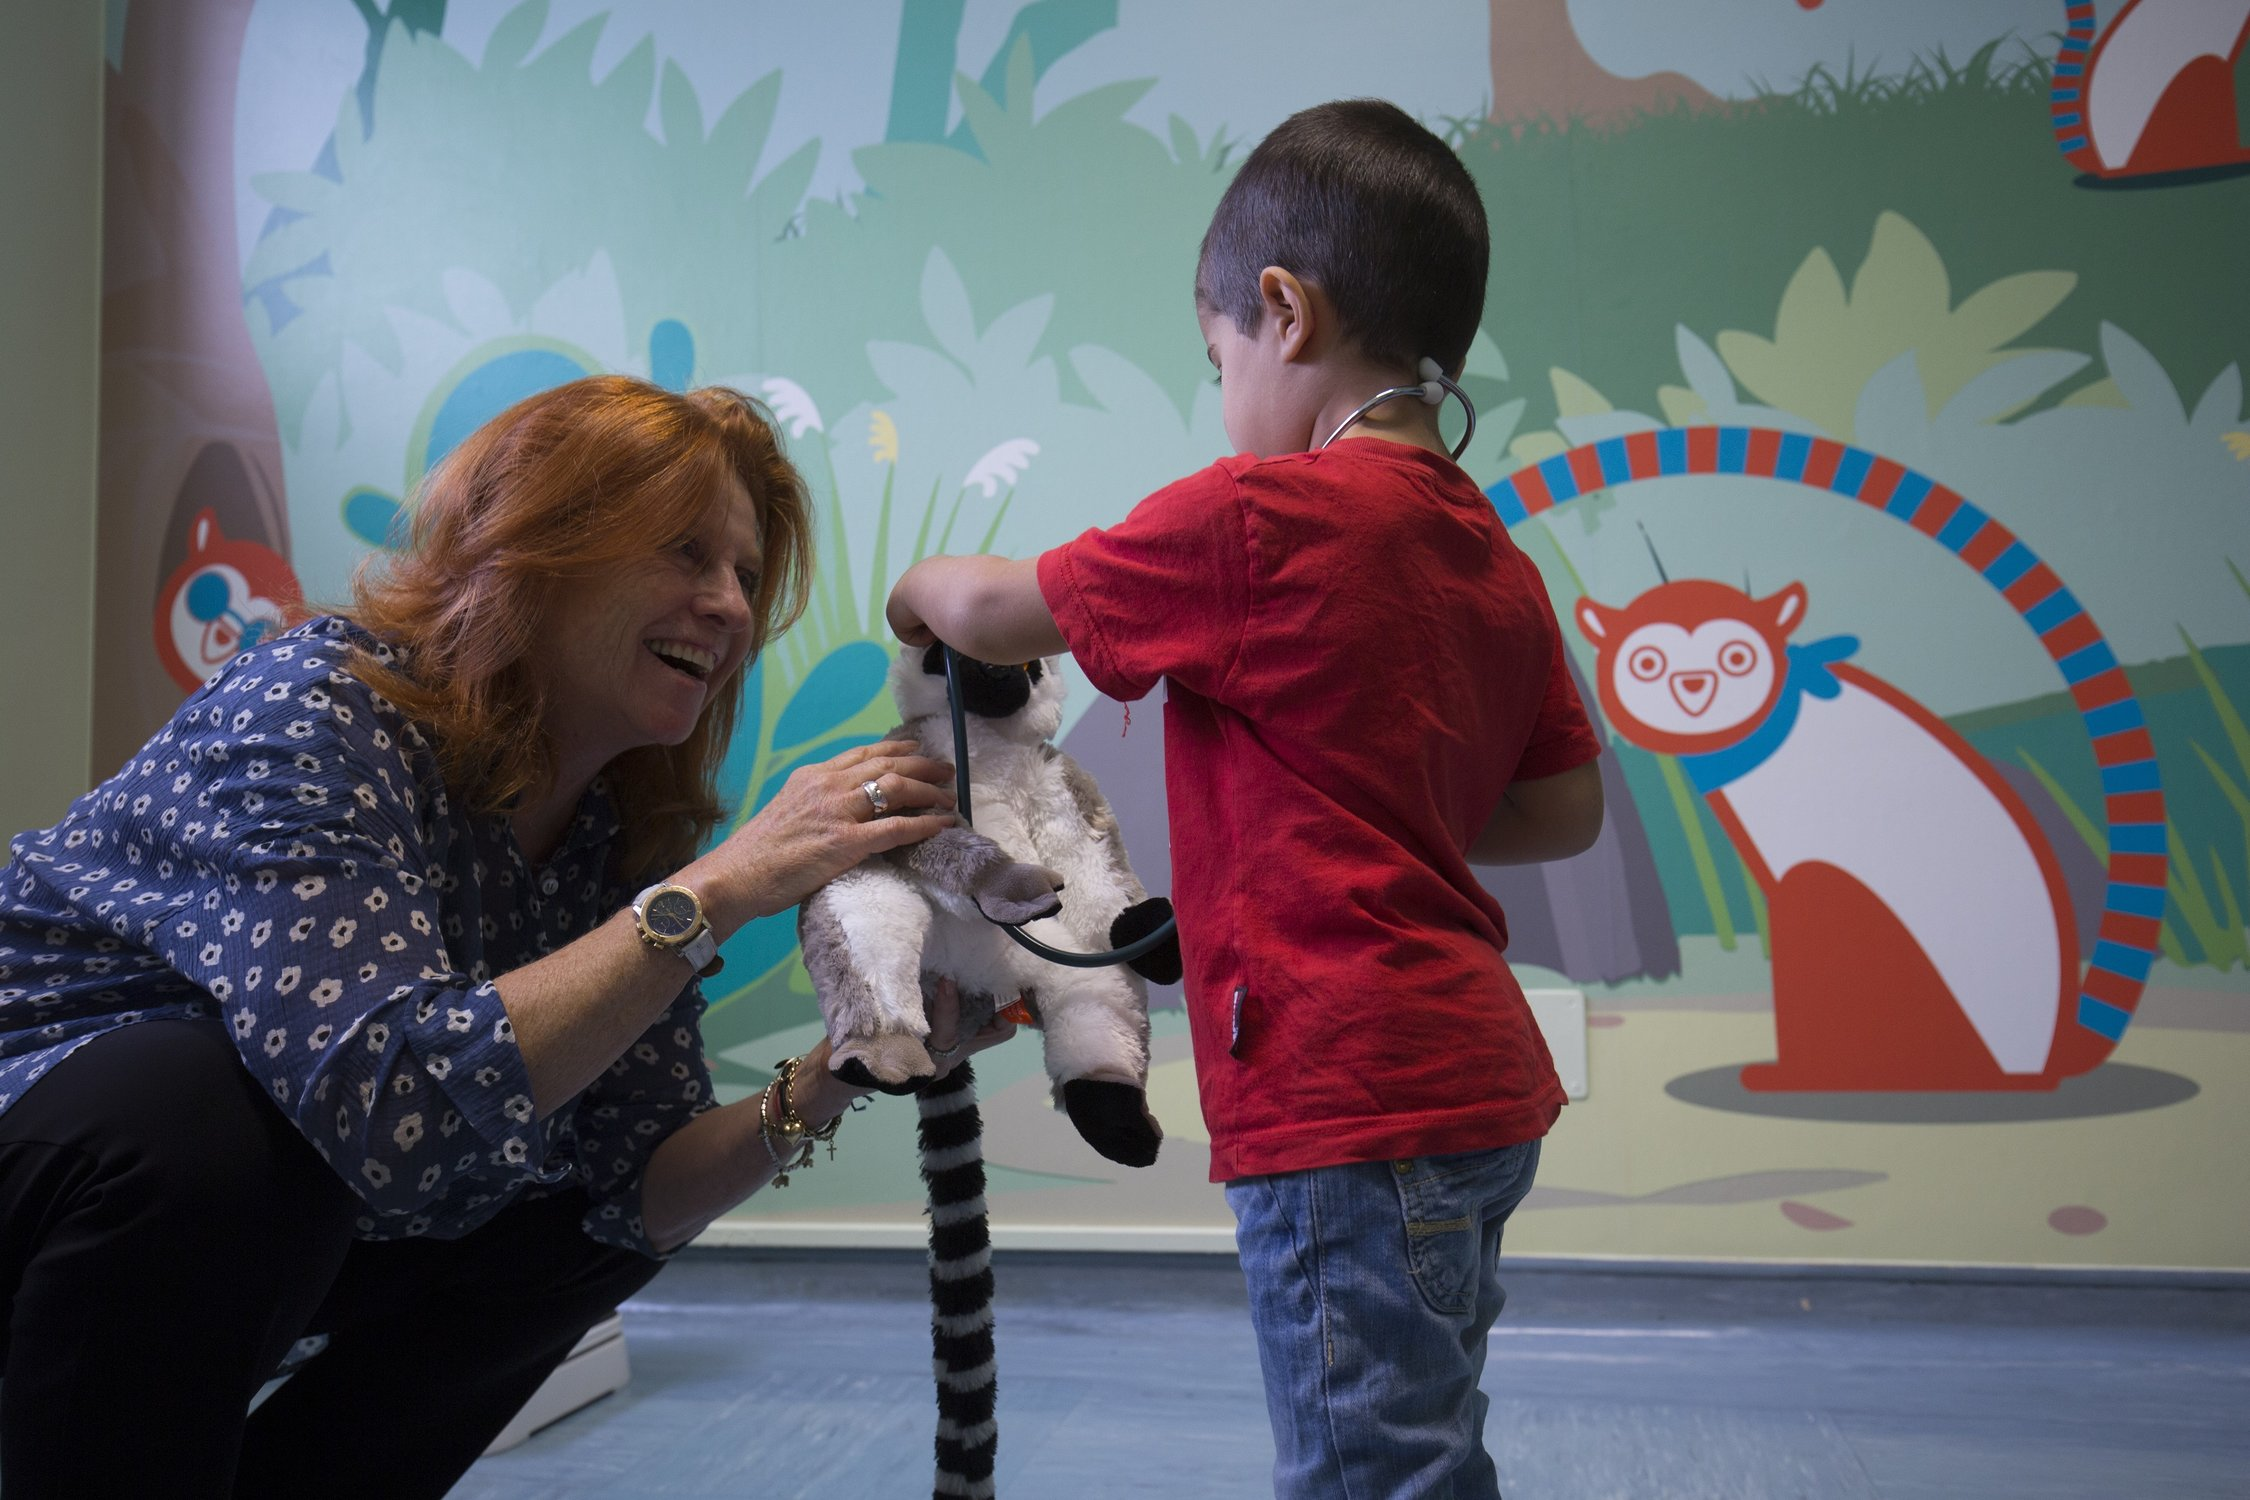 Ospedale Vittore Buzzi e Terre Des Hommes estendono il progetto TIMMI per garantire supporto psicologico ai bambini Covid -19 positivi e alle loro famiglie, anche dopo il ricovero